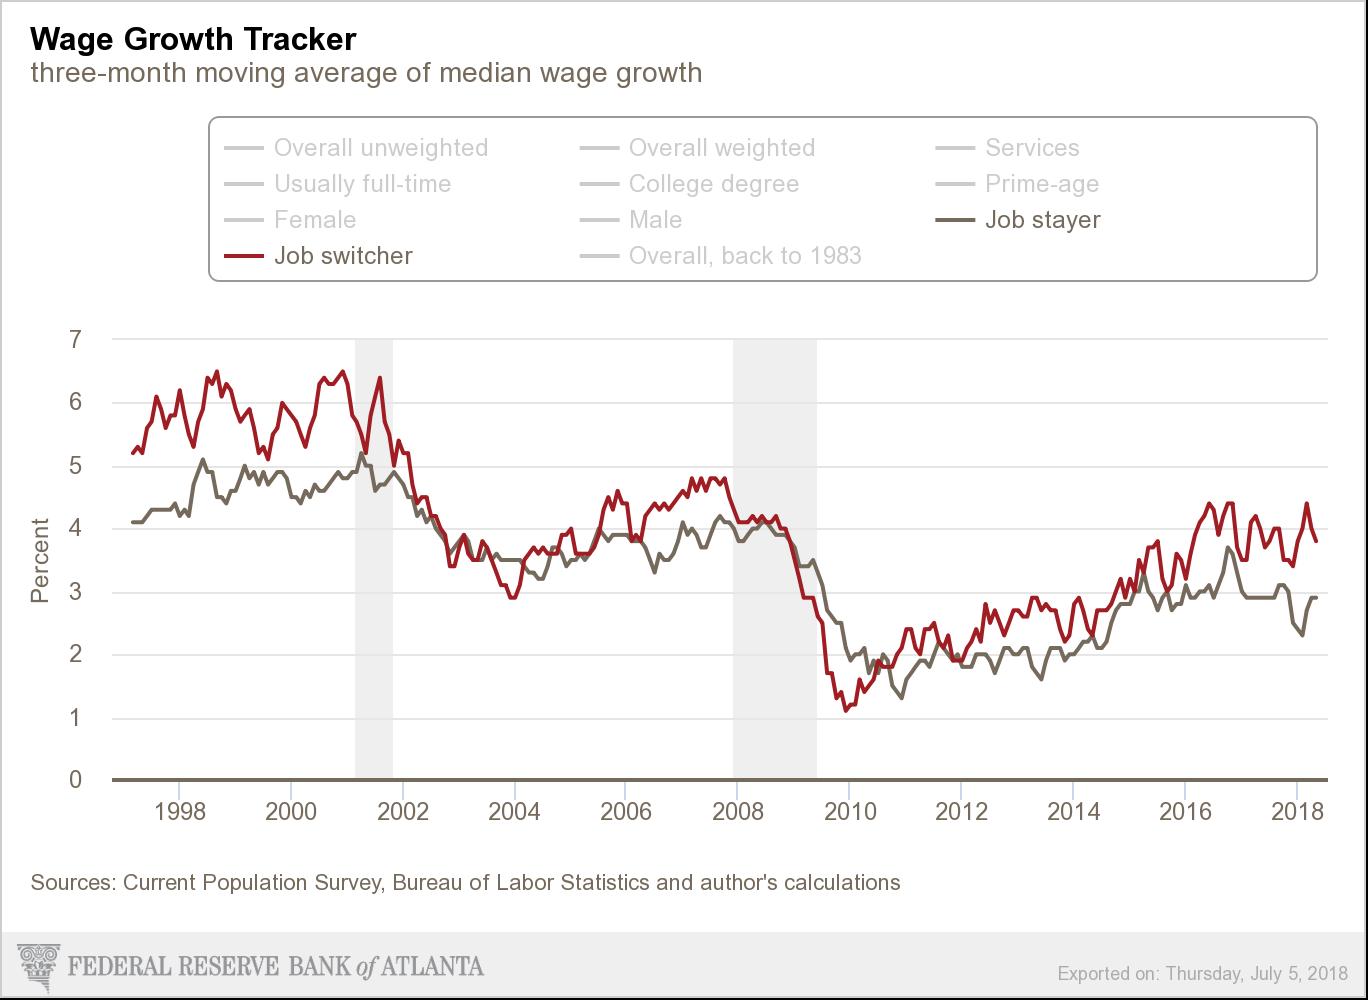 亚特兰大联储的薪资观测工具显示,跳槽者的薪资增速明显高于未跳槽者(3.8% VS 2.9%),而且二者的这种增速差距在今年以来更趋明显。